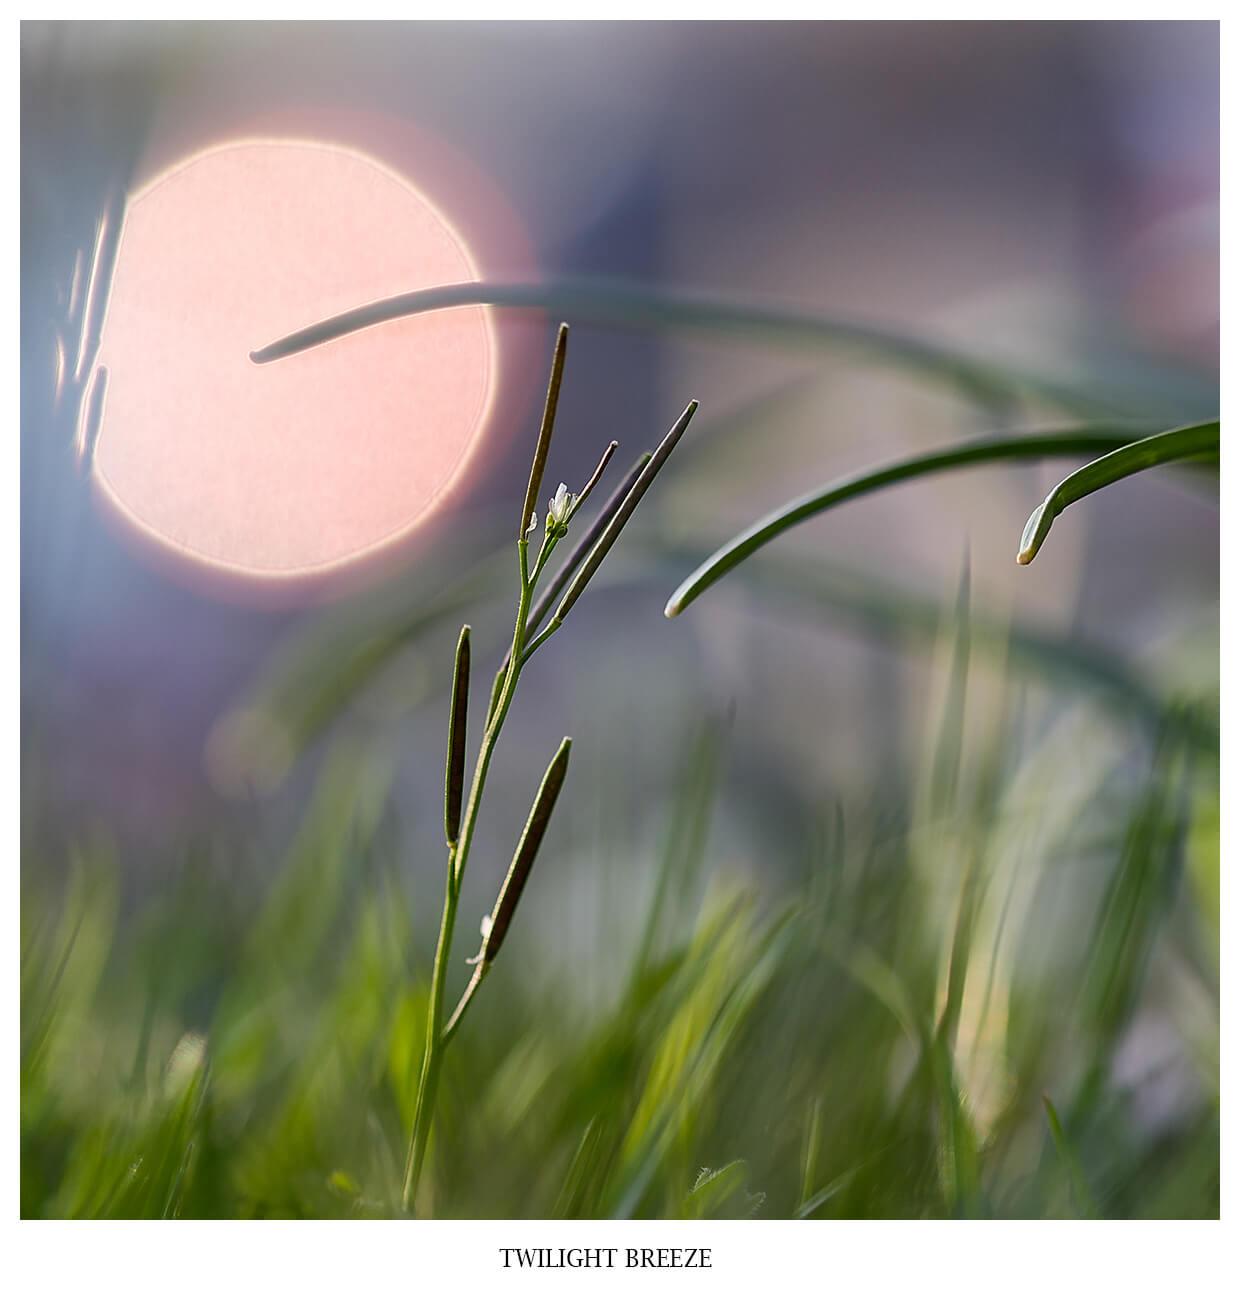 TWILIGHT BREEZE, eine Nahaufnahme eines Sonnenuntergangs in violet und rosa Tönen